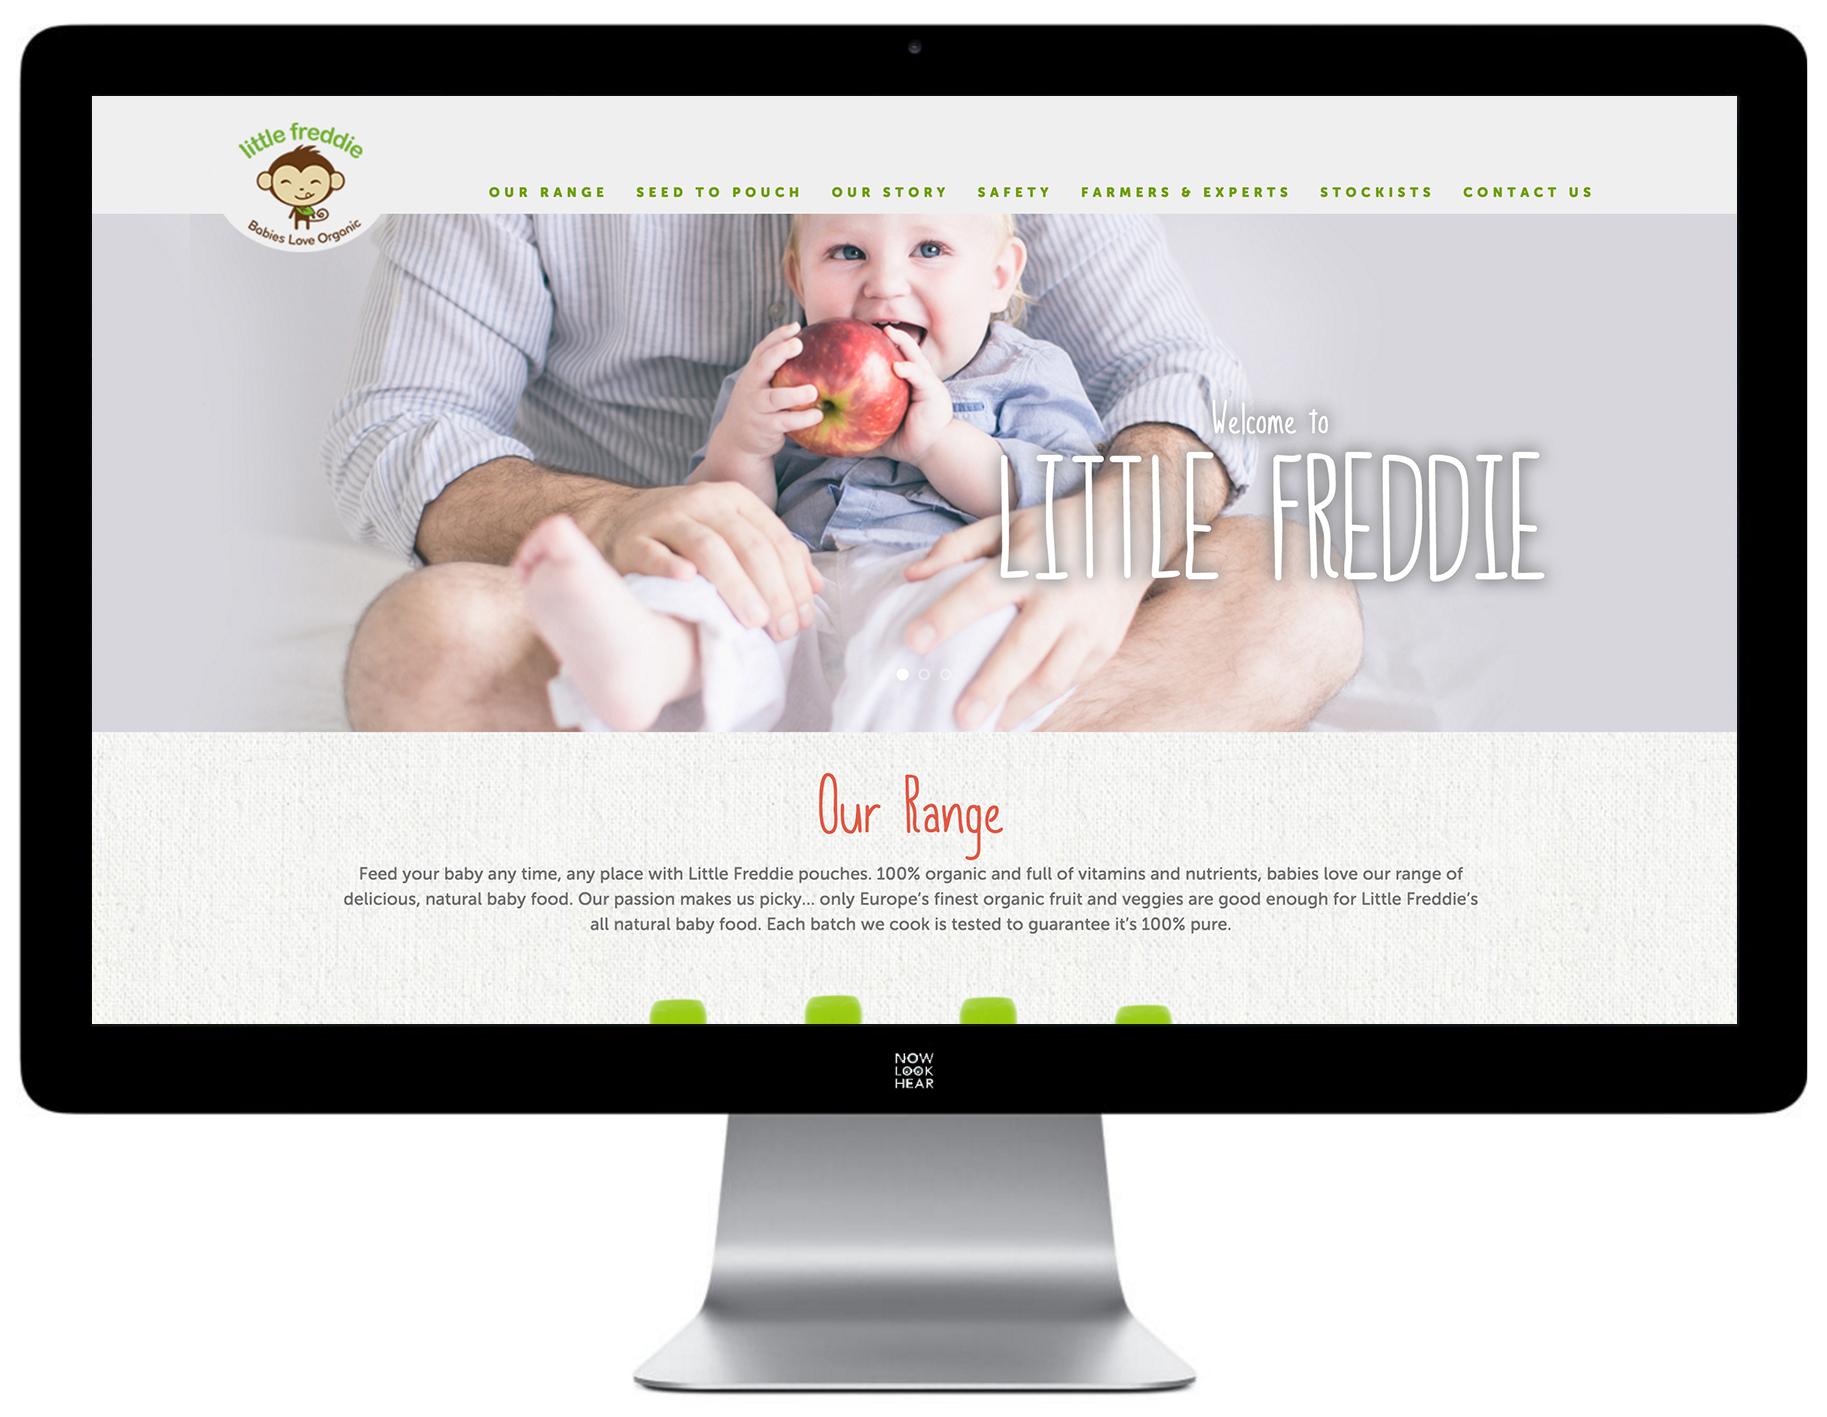 www.littlefreddie.com